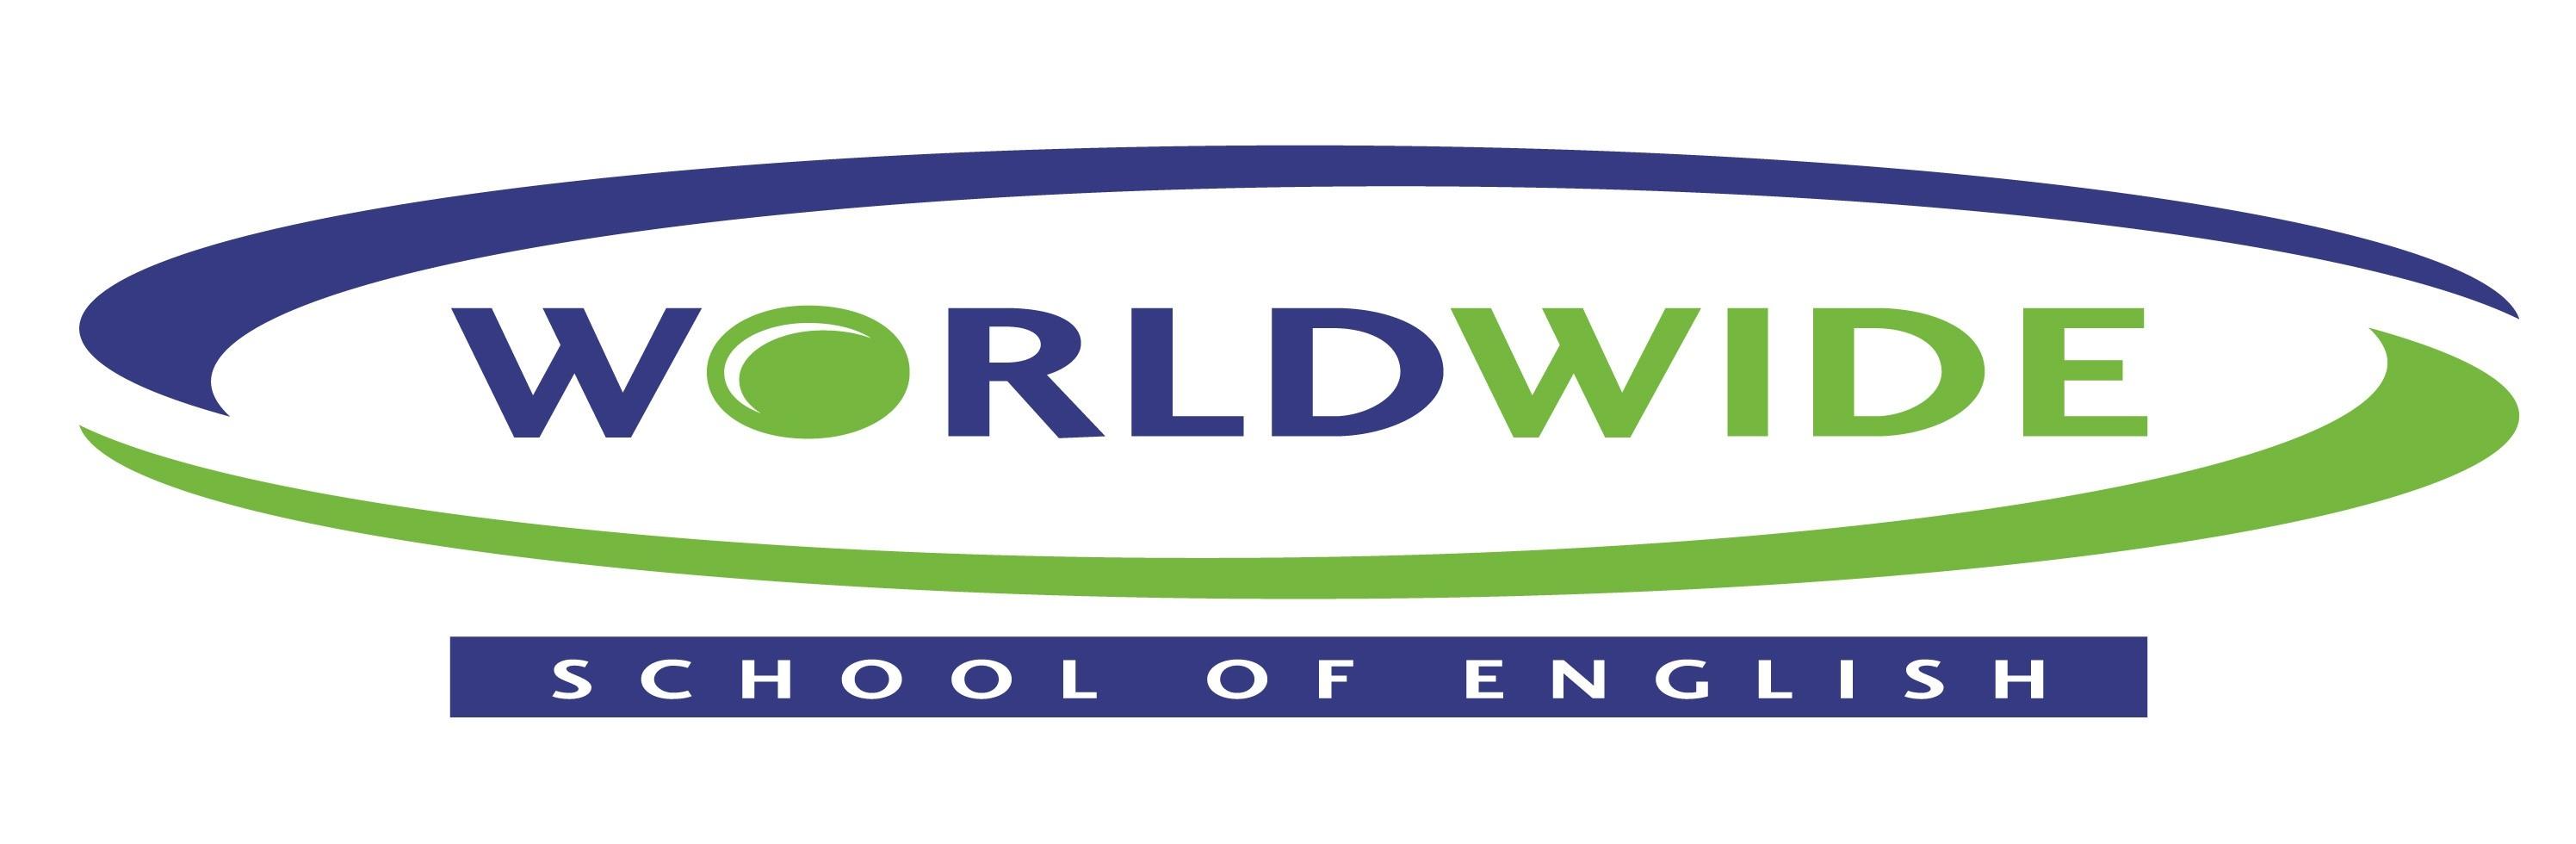 wwse-logo-2